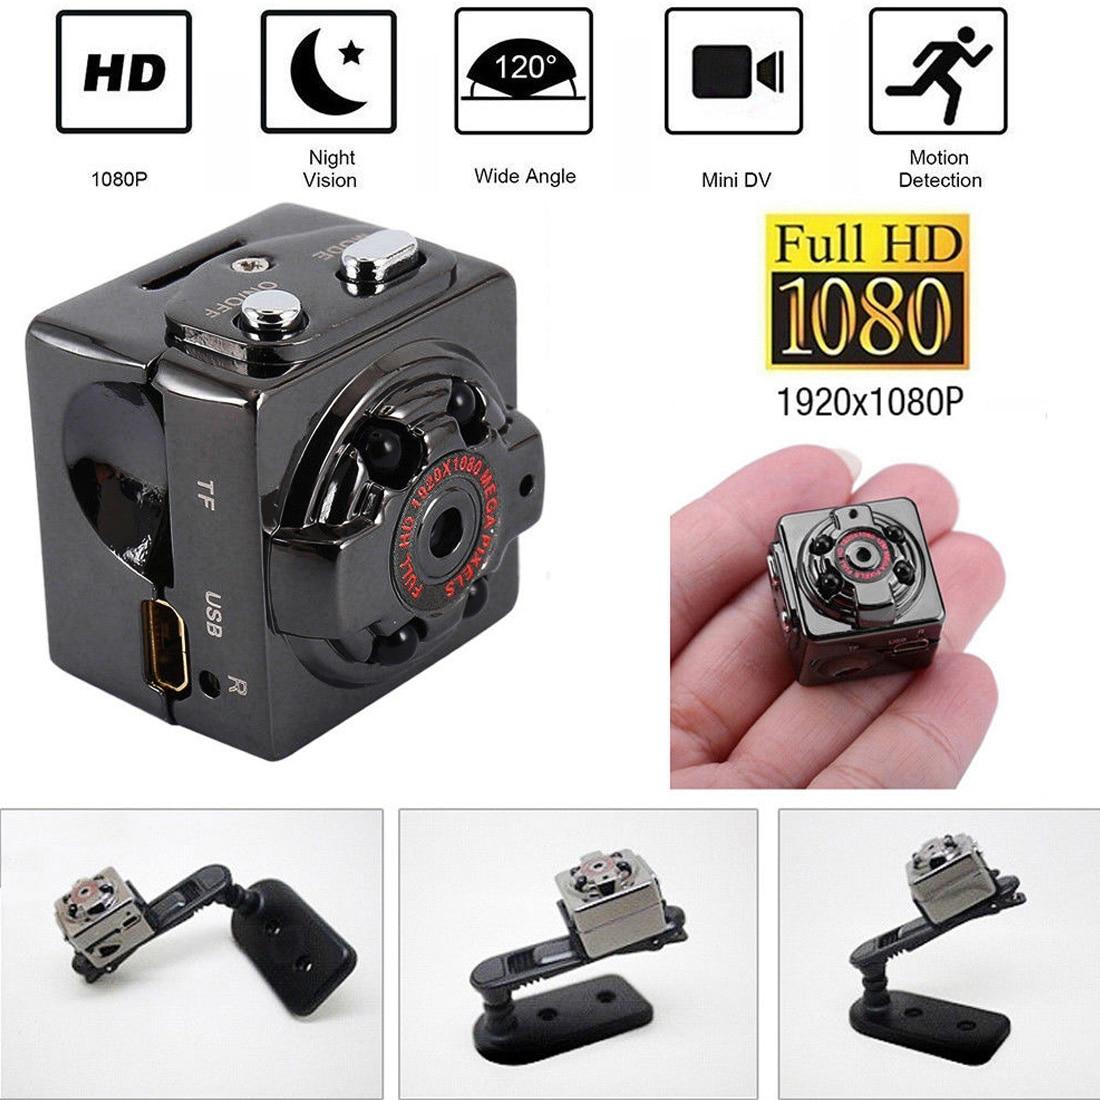 Mini Camera SQ8 Micro DV Camcorder Action Night Vision Digital Sport DV Wireless Mini Voice Video TV Out Camera HD 1080P